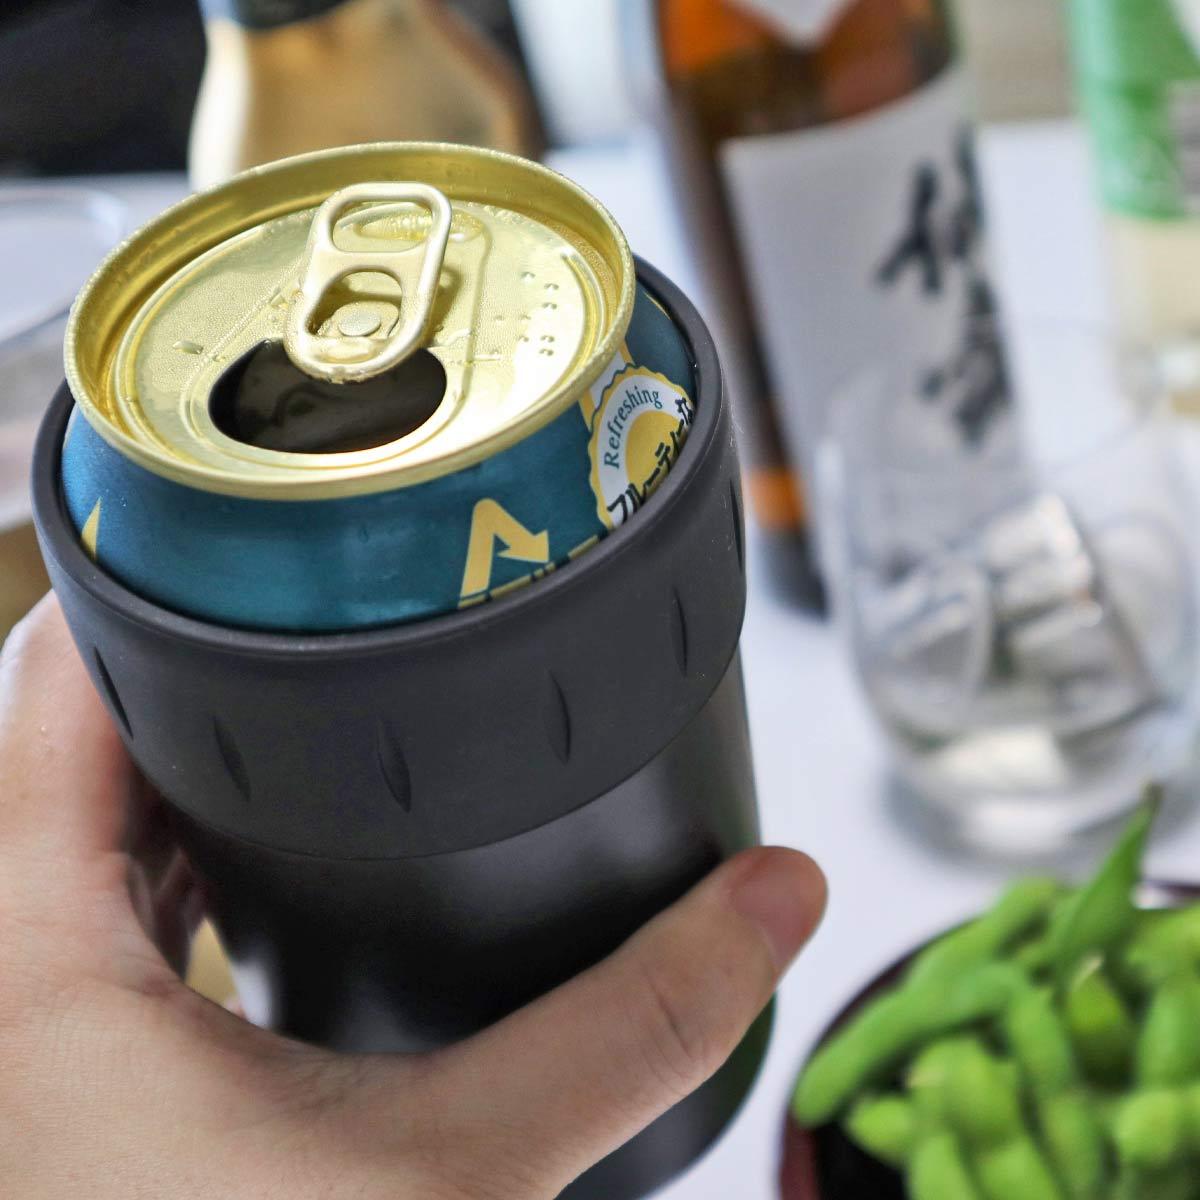 ぬるいビールじゃテンション↓ 「おうち飲み」にマストの保冷アイテムはどれだ!?